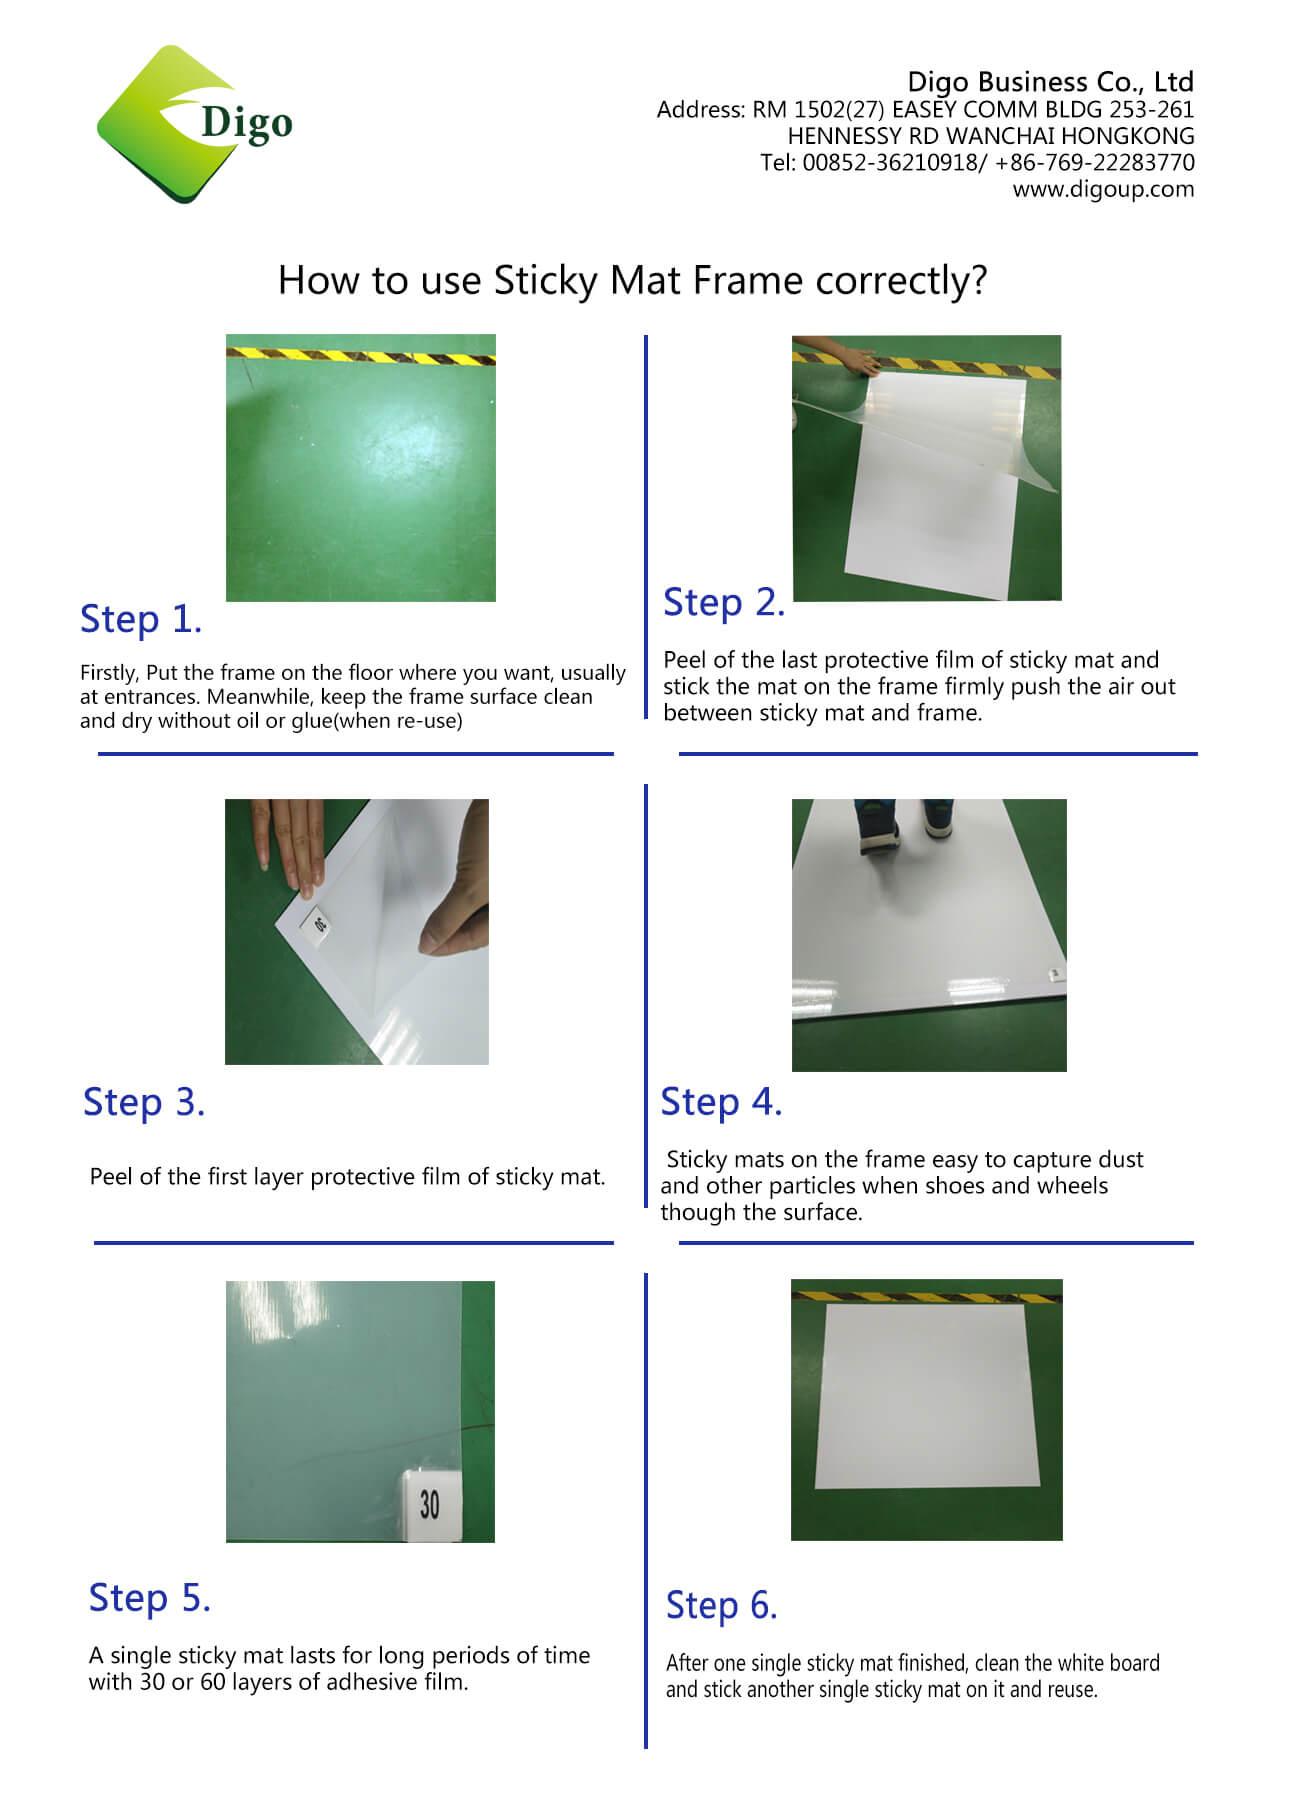 Sticky mat Frame Instruction | How to use Sticky Mat Frame correctly ...